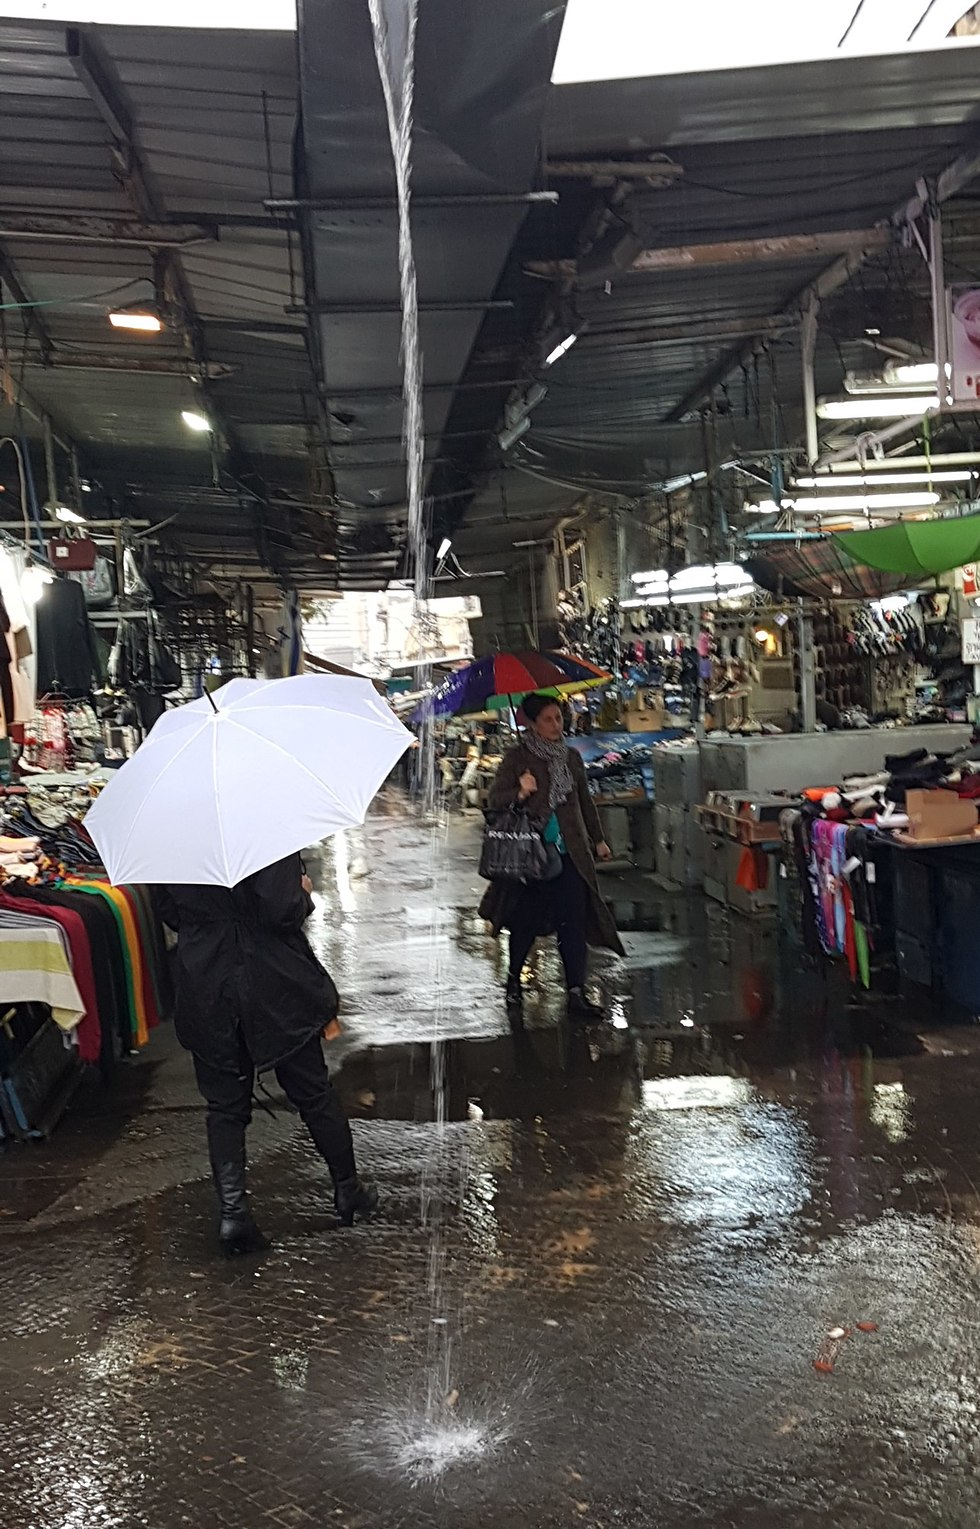 Raining at Carmel Market in Tel Aviv (Photo: Baruch Bar-Av)